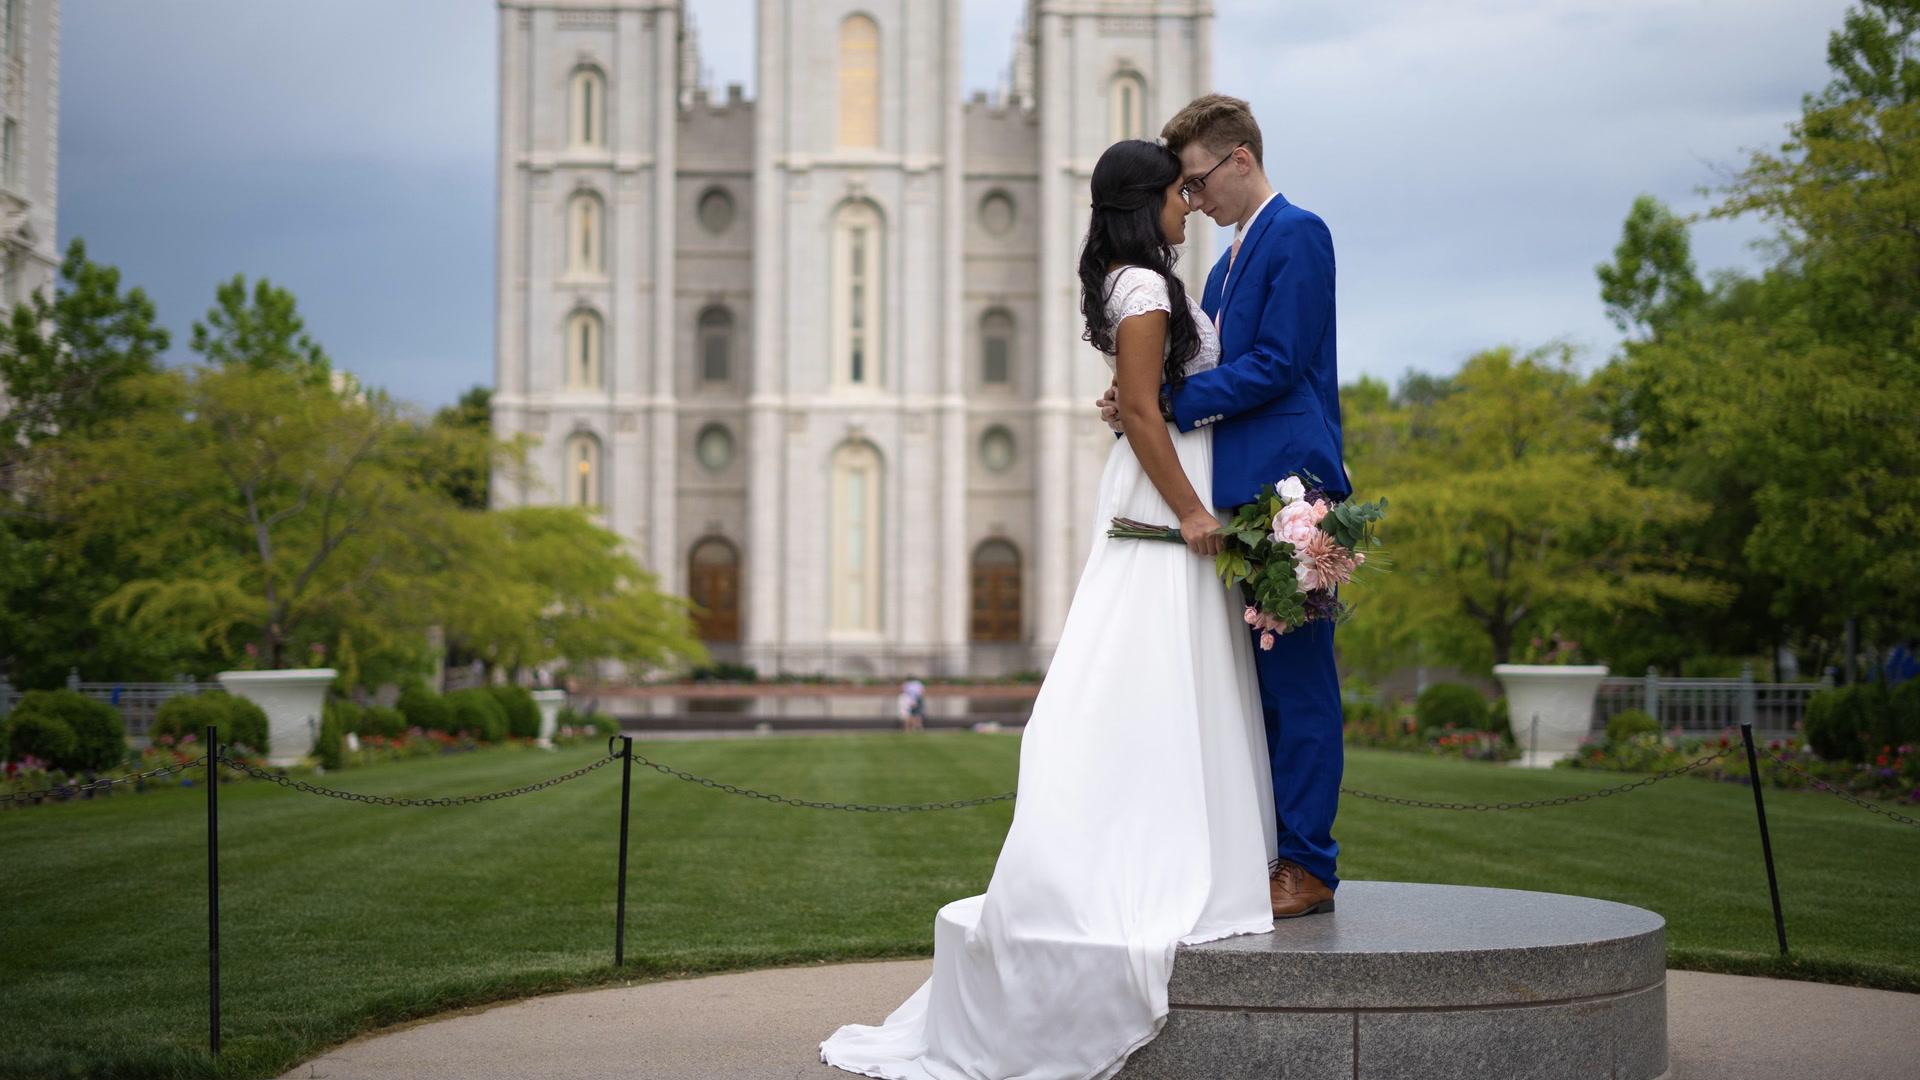 Luiany + Christian | Salt Lake City, Utah | Temple Square